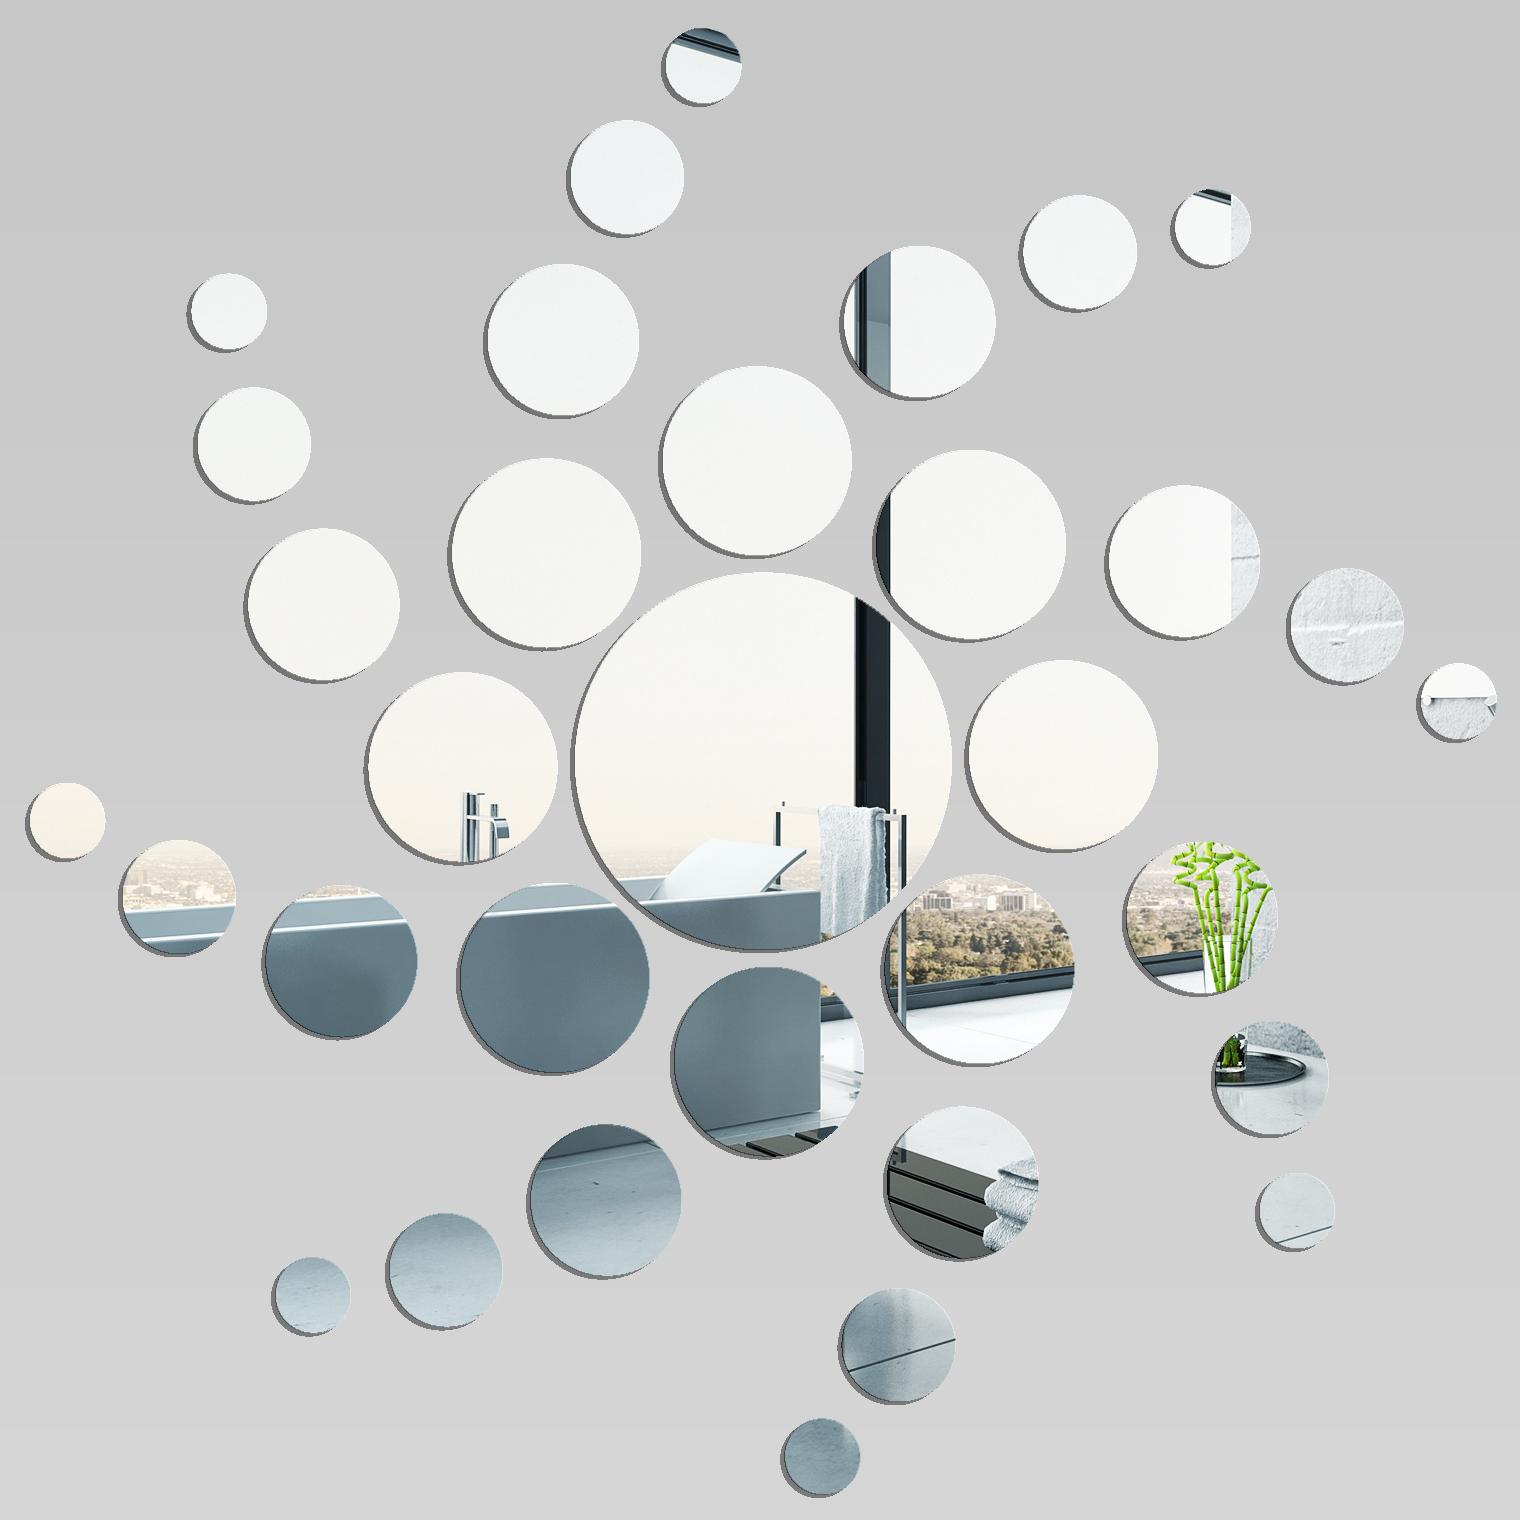 miroir plexiglass acrylique spirale pas cher